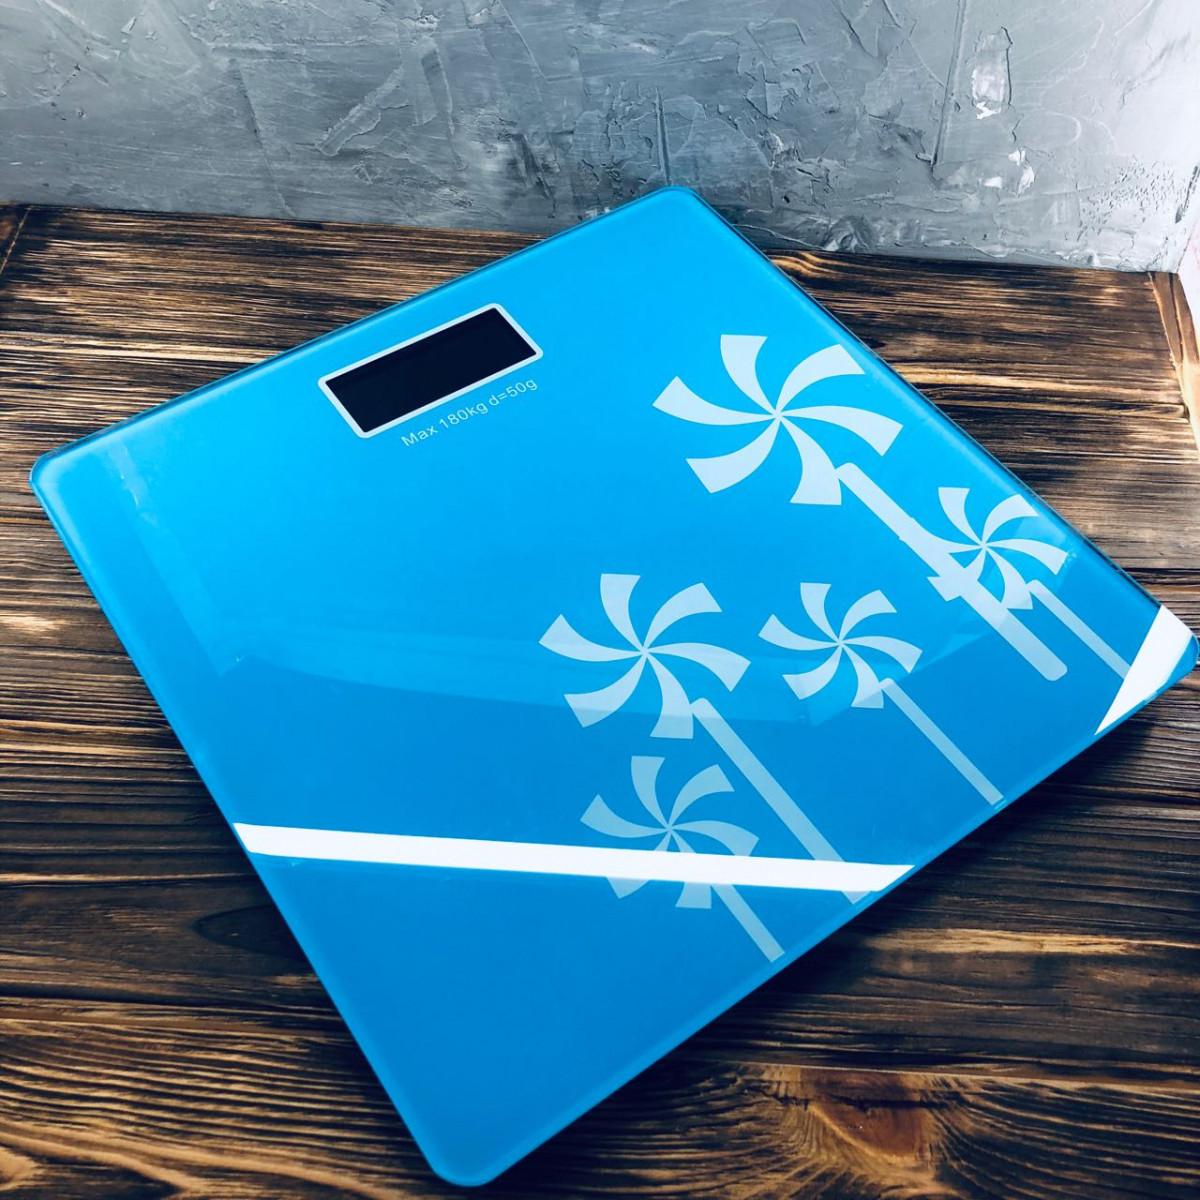 Весы напольные YZ-1604 Синие с узором